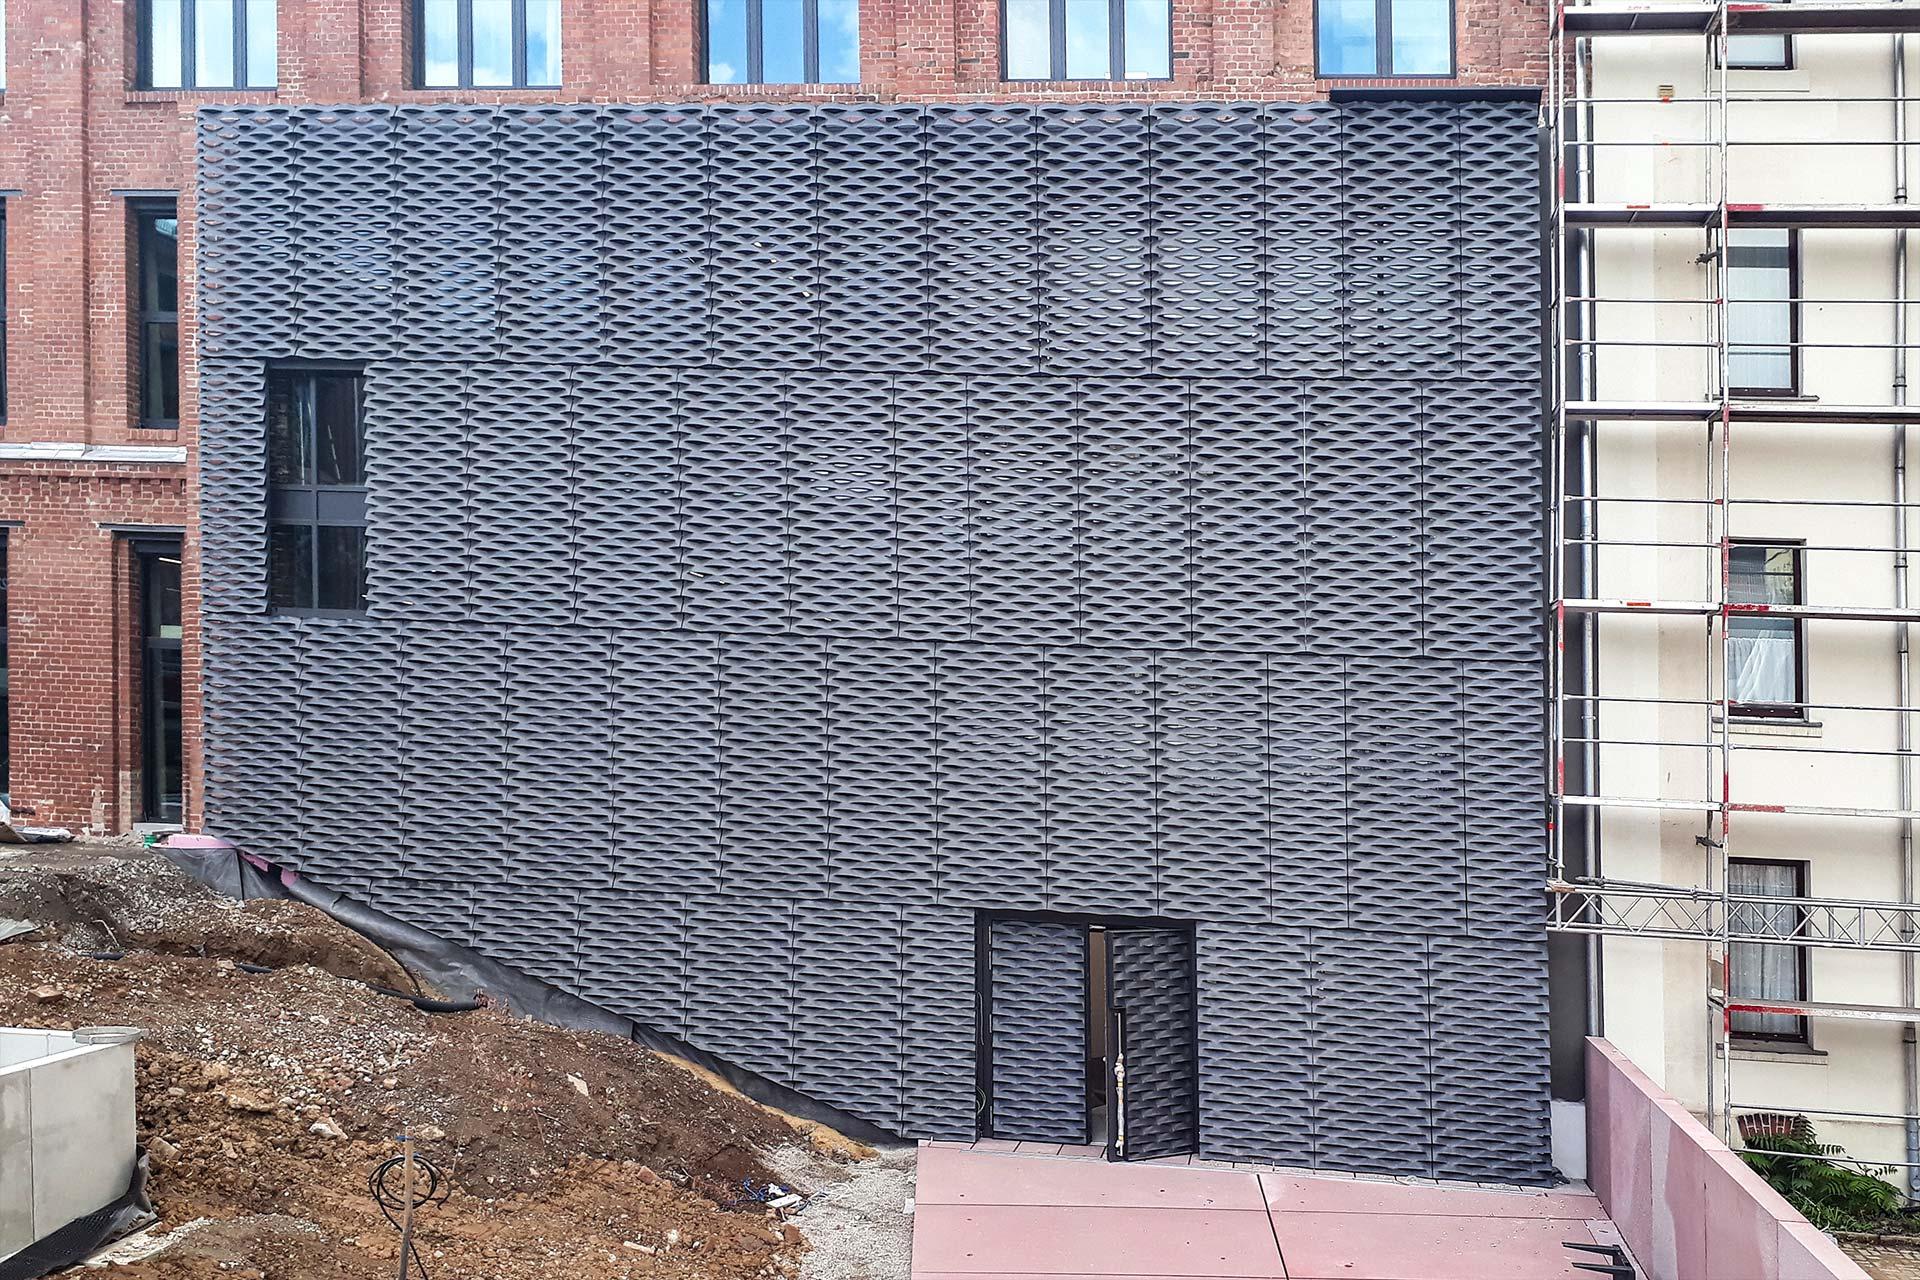 B&O Chemnitz, Bürogebäude Chemnitz - Lochfassade Streckmetall Innenhof